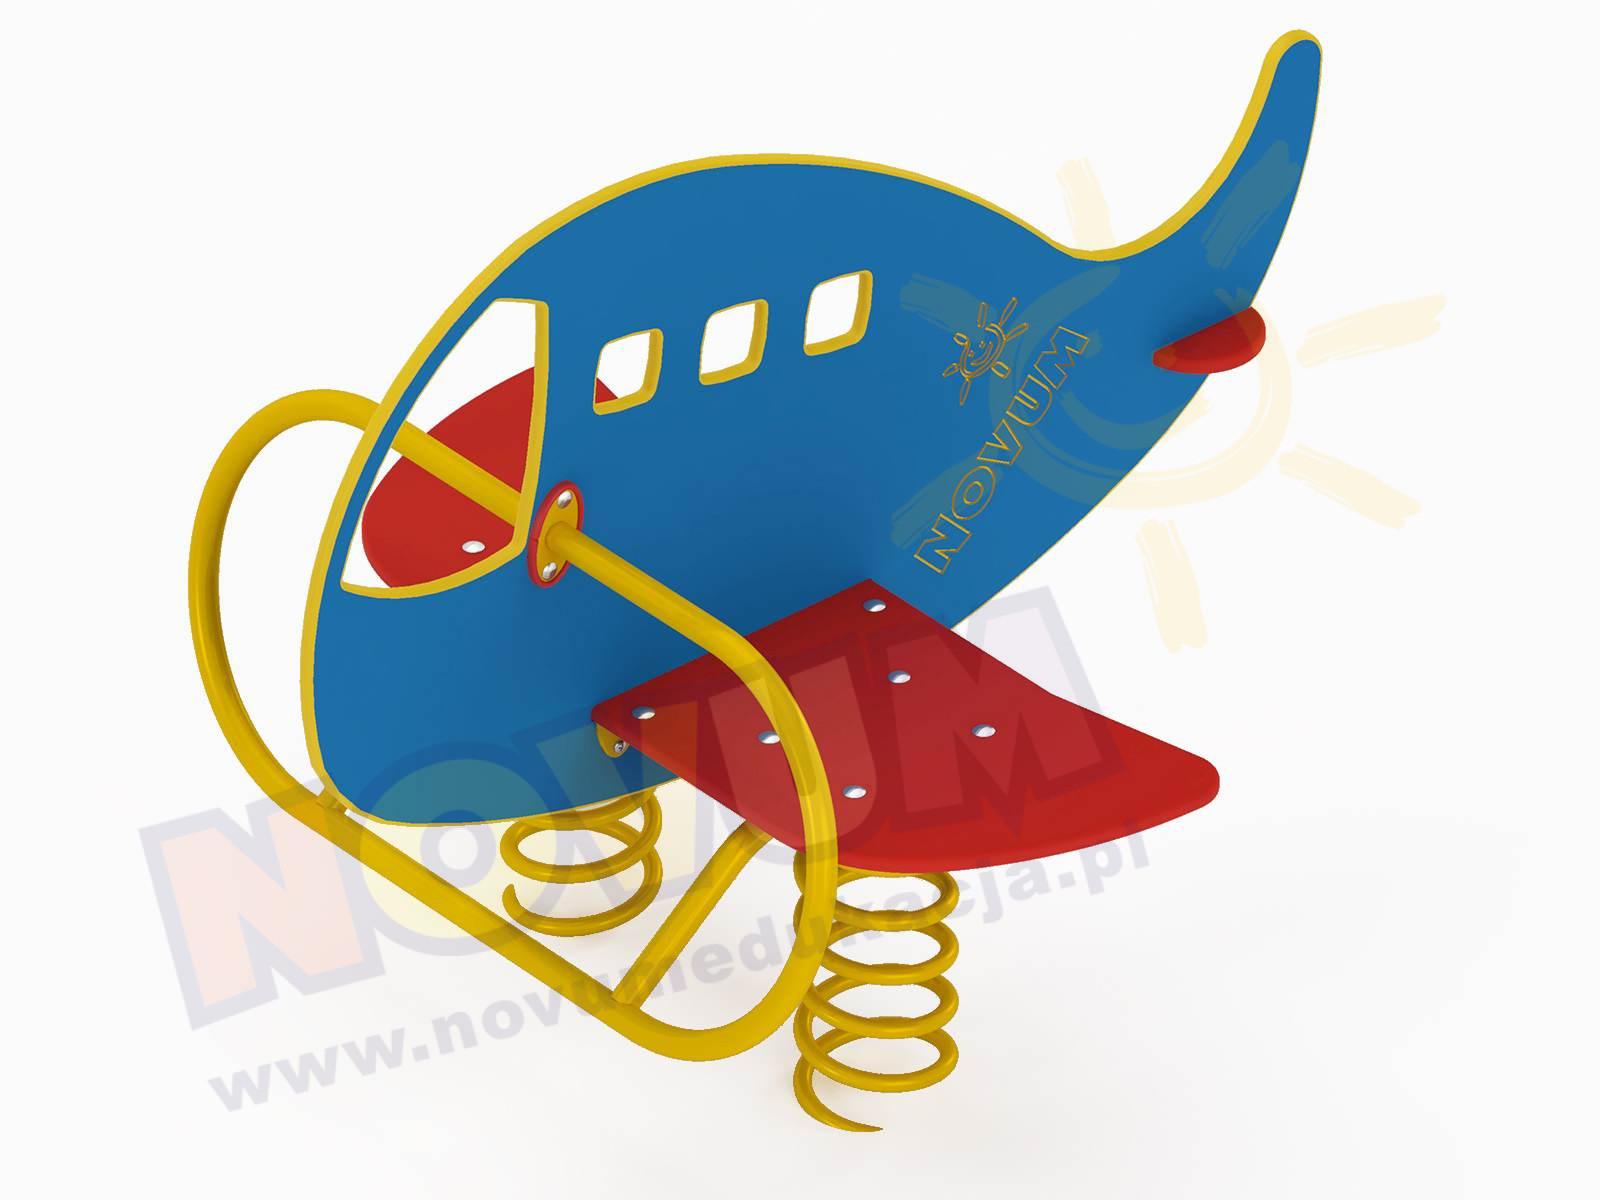 Samolot na sprężynach